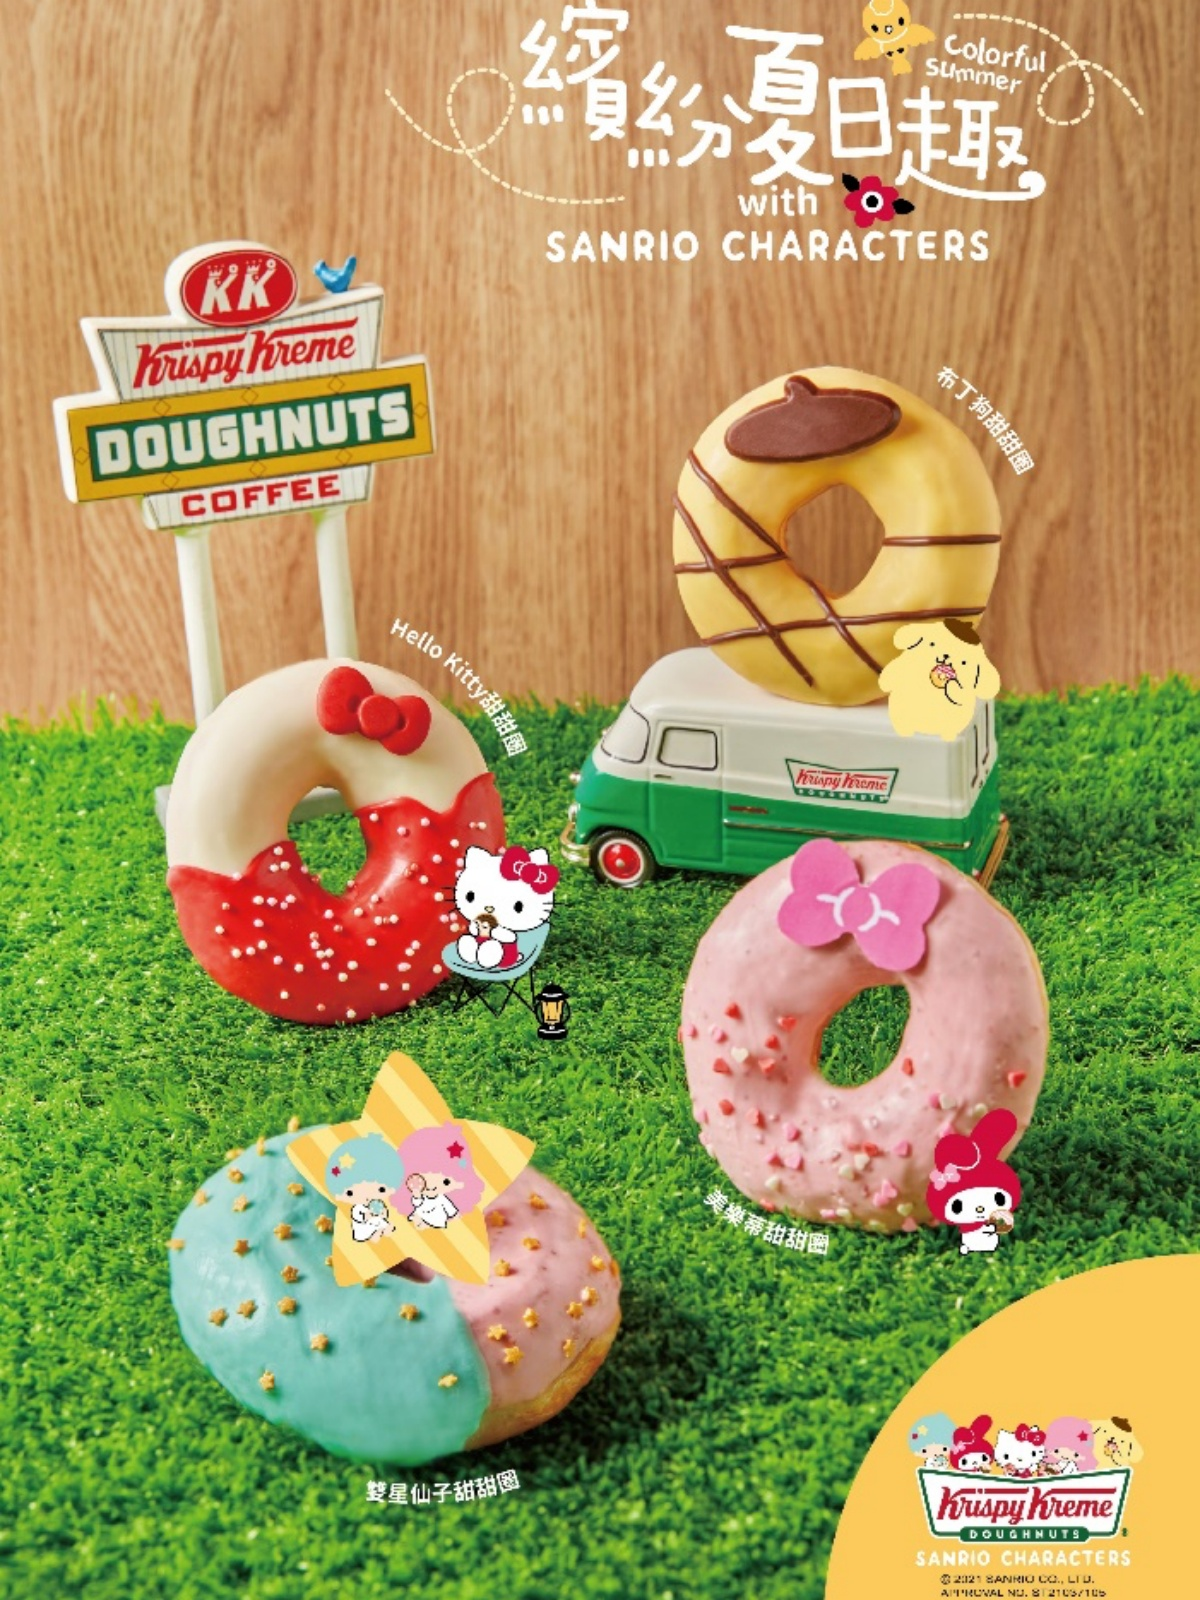 Kitty控開吃!Krispy Kreme推4款「三麗鷗」甜甜圈,12入現省130元、飲料再折15元